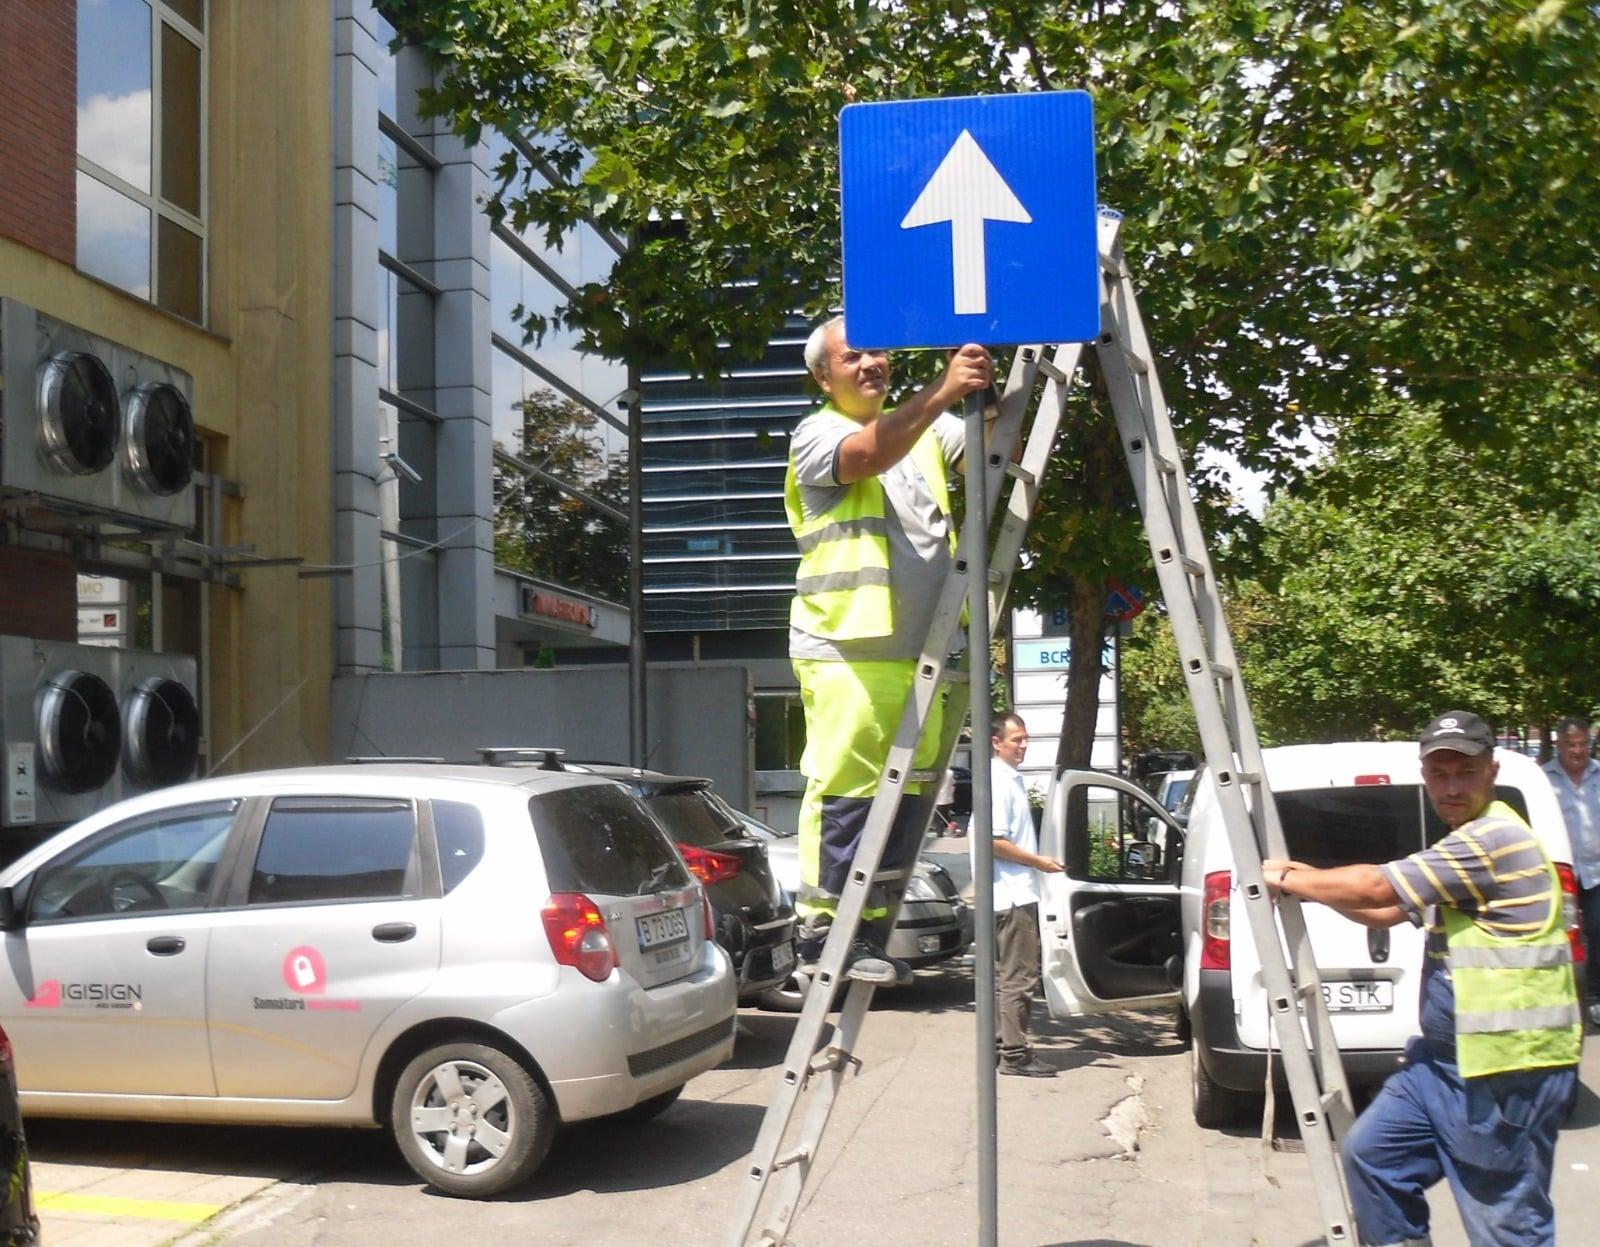 ADP Sector 1 continuă fluidizarea traficului. Nouă străzi din sector vor deveni cu sens unic